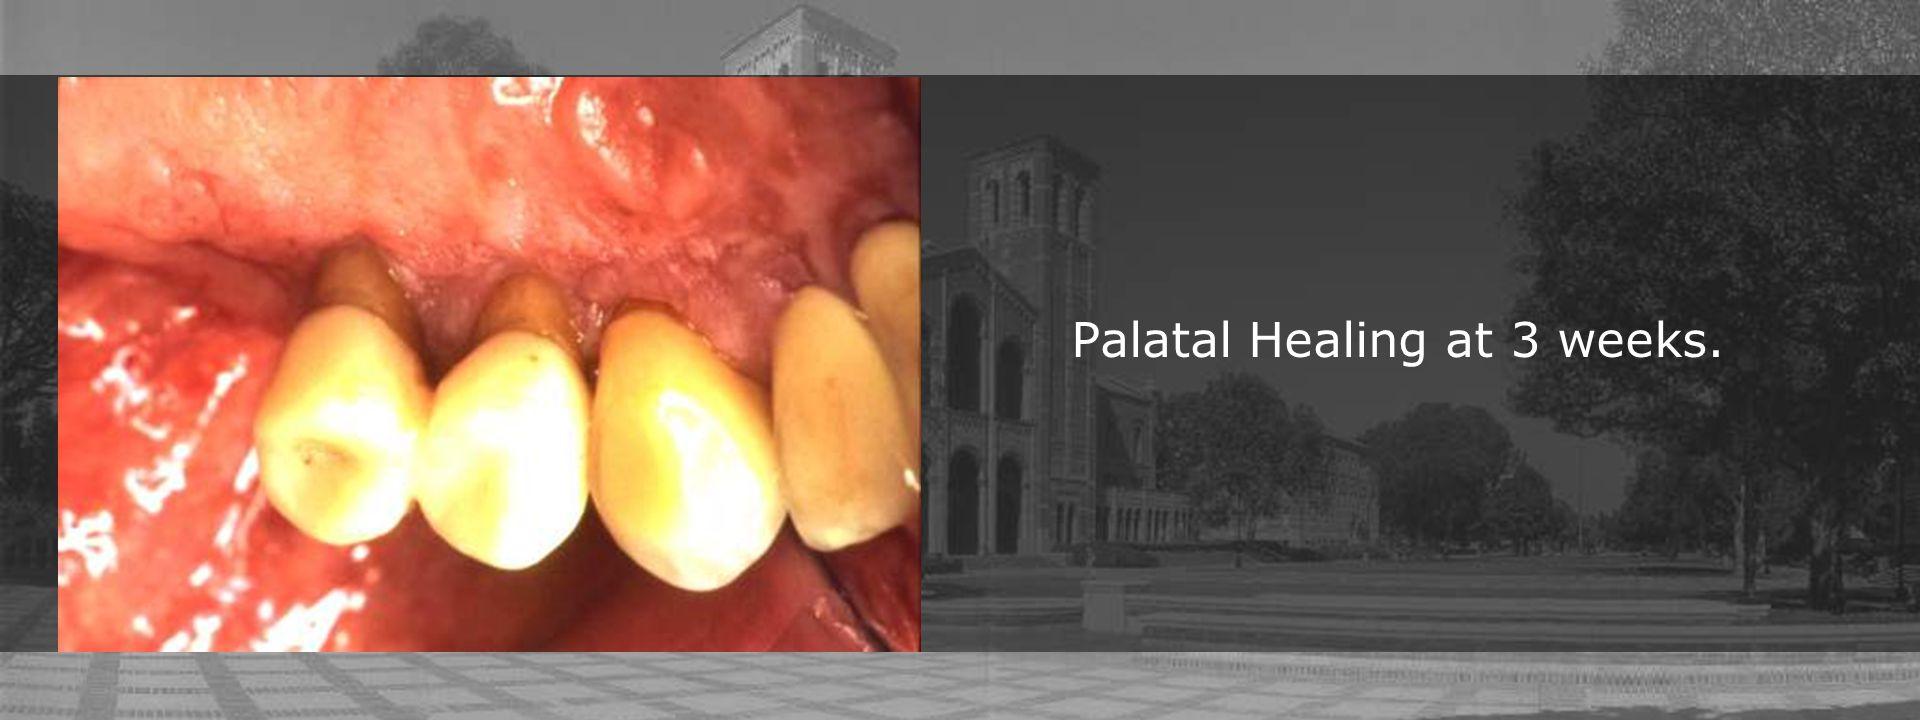 Palatal Healing at 3 weeks.